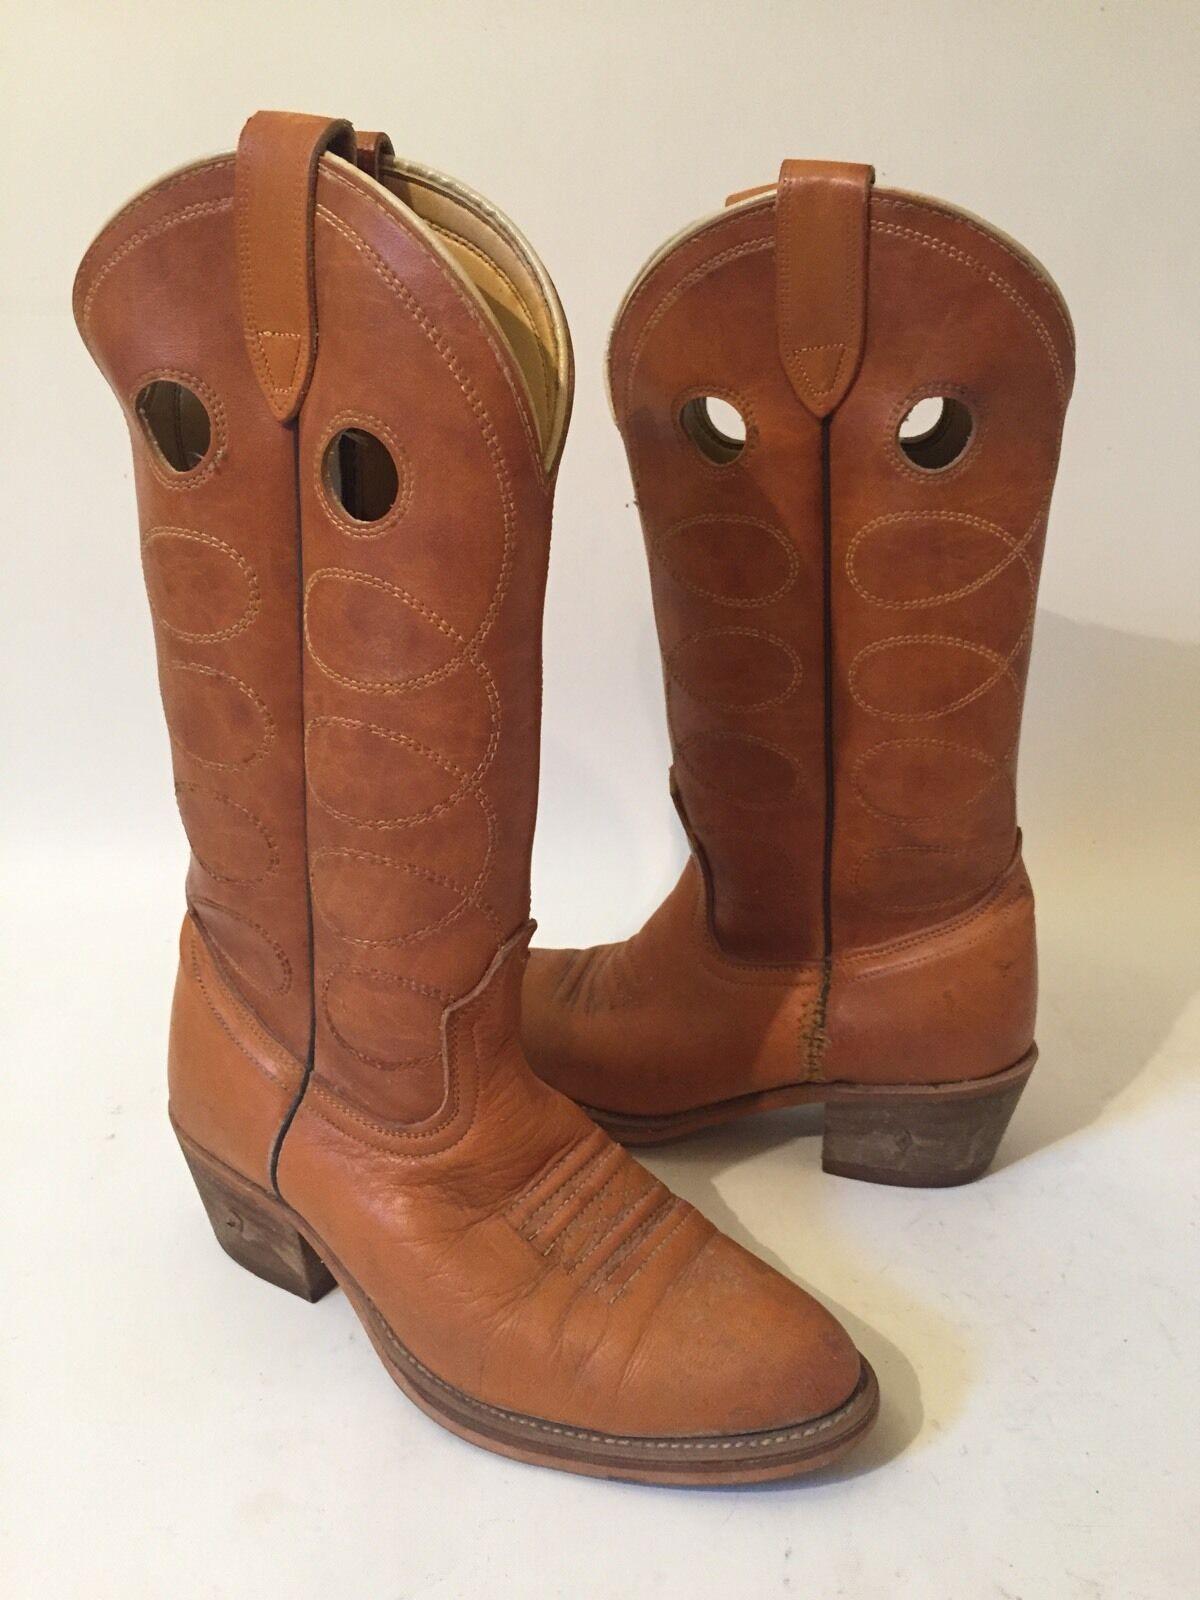 Vintage Brown Leather Cowboy Boots Sz 8 D *DIAMOND IN HEEL* Unique!